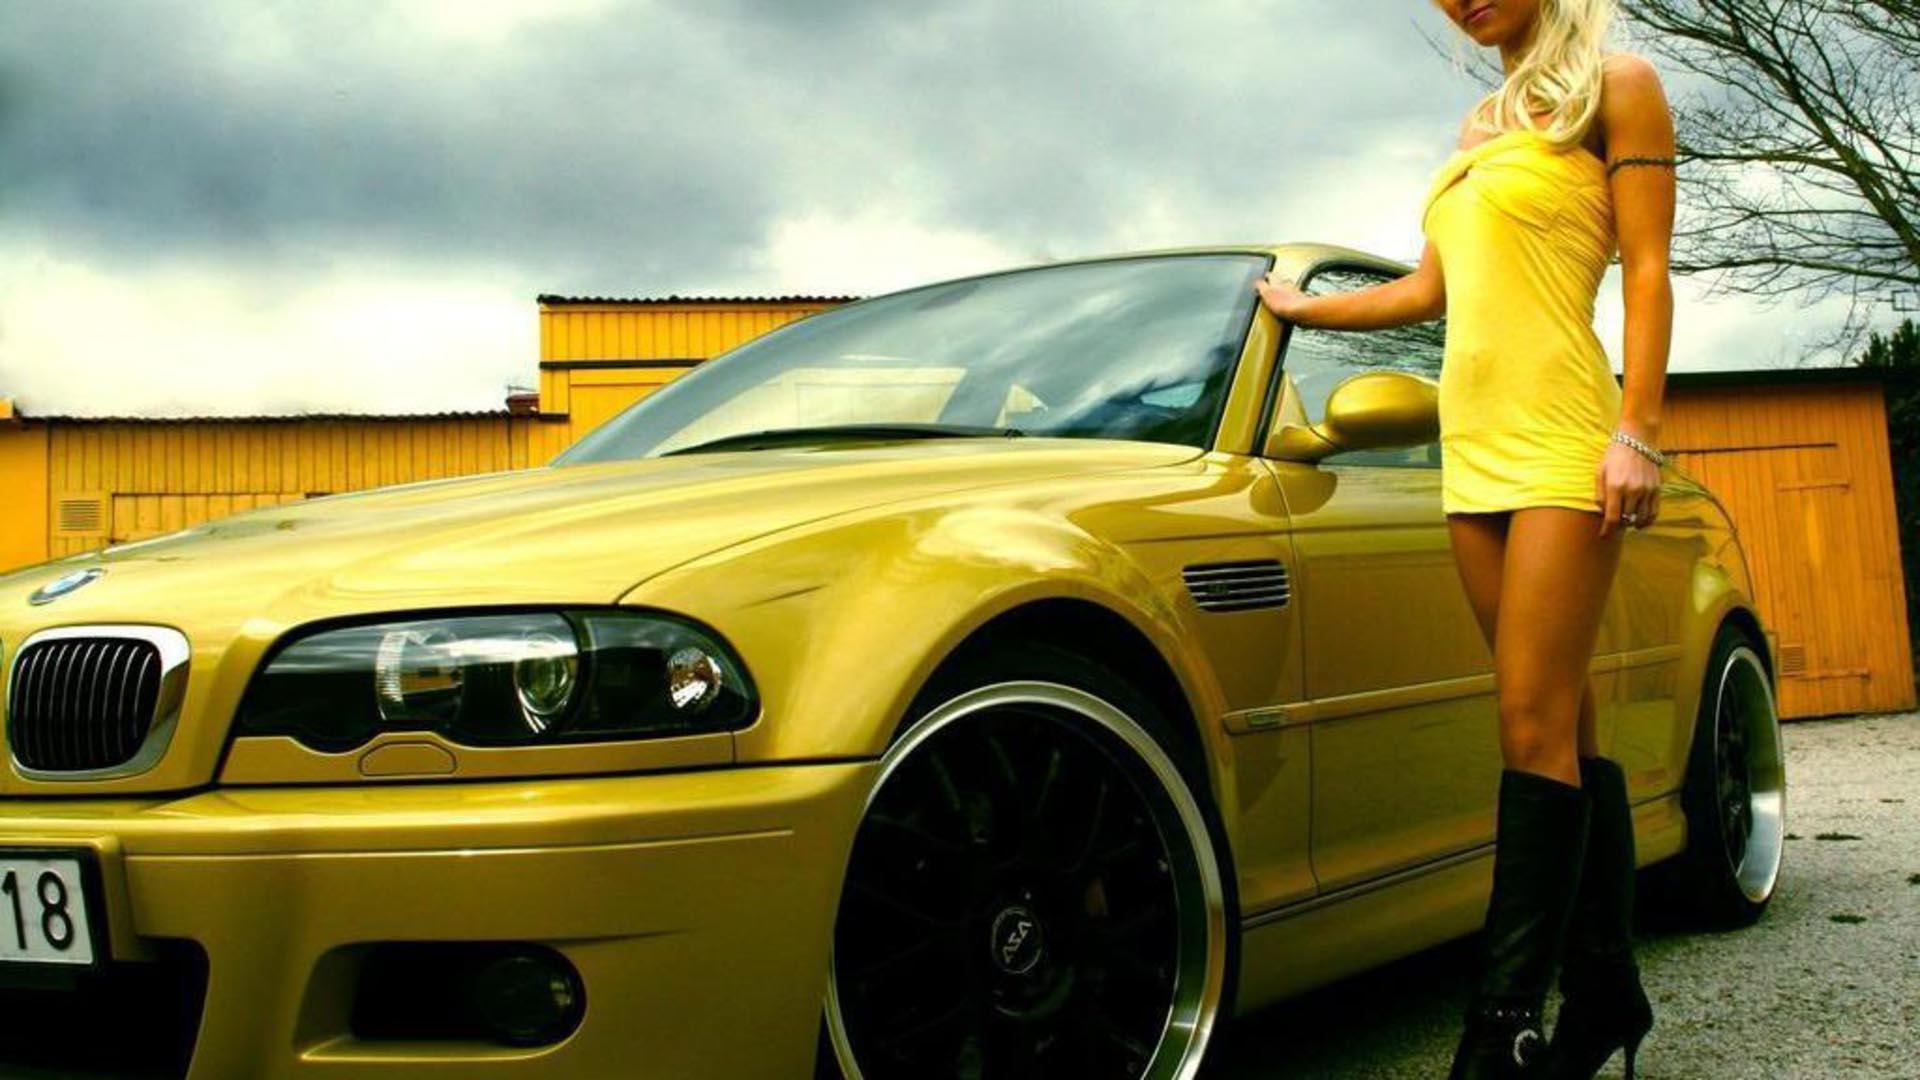 car with girl car with b e4104jpg 1920x1080